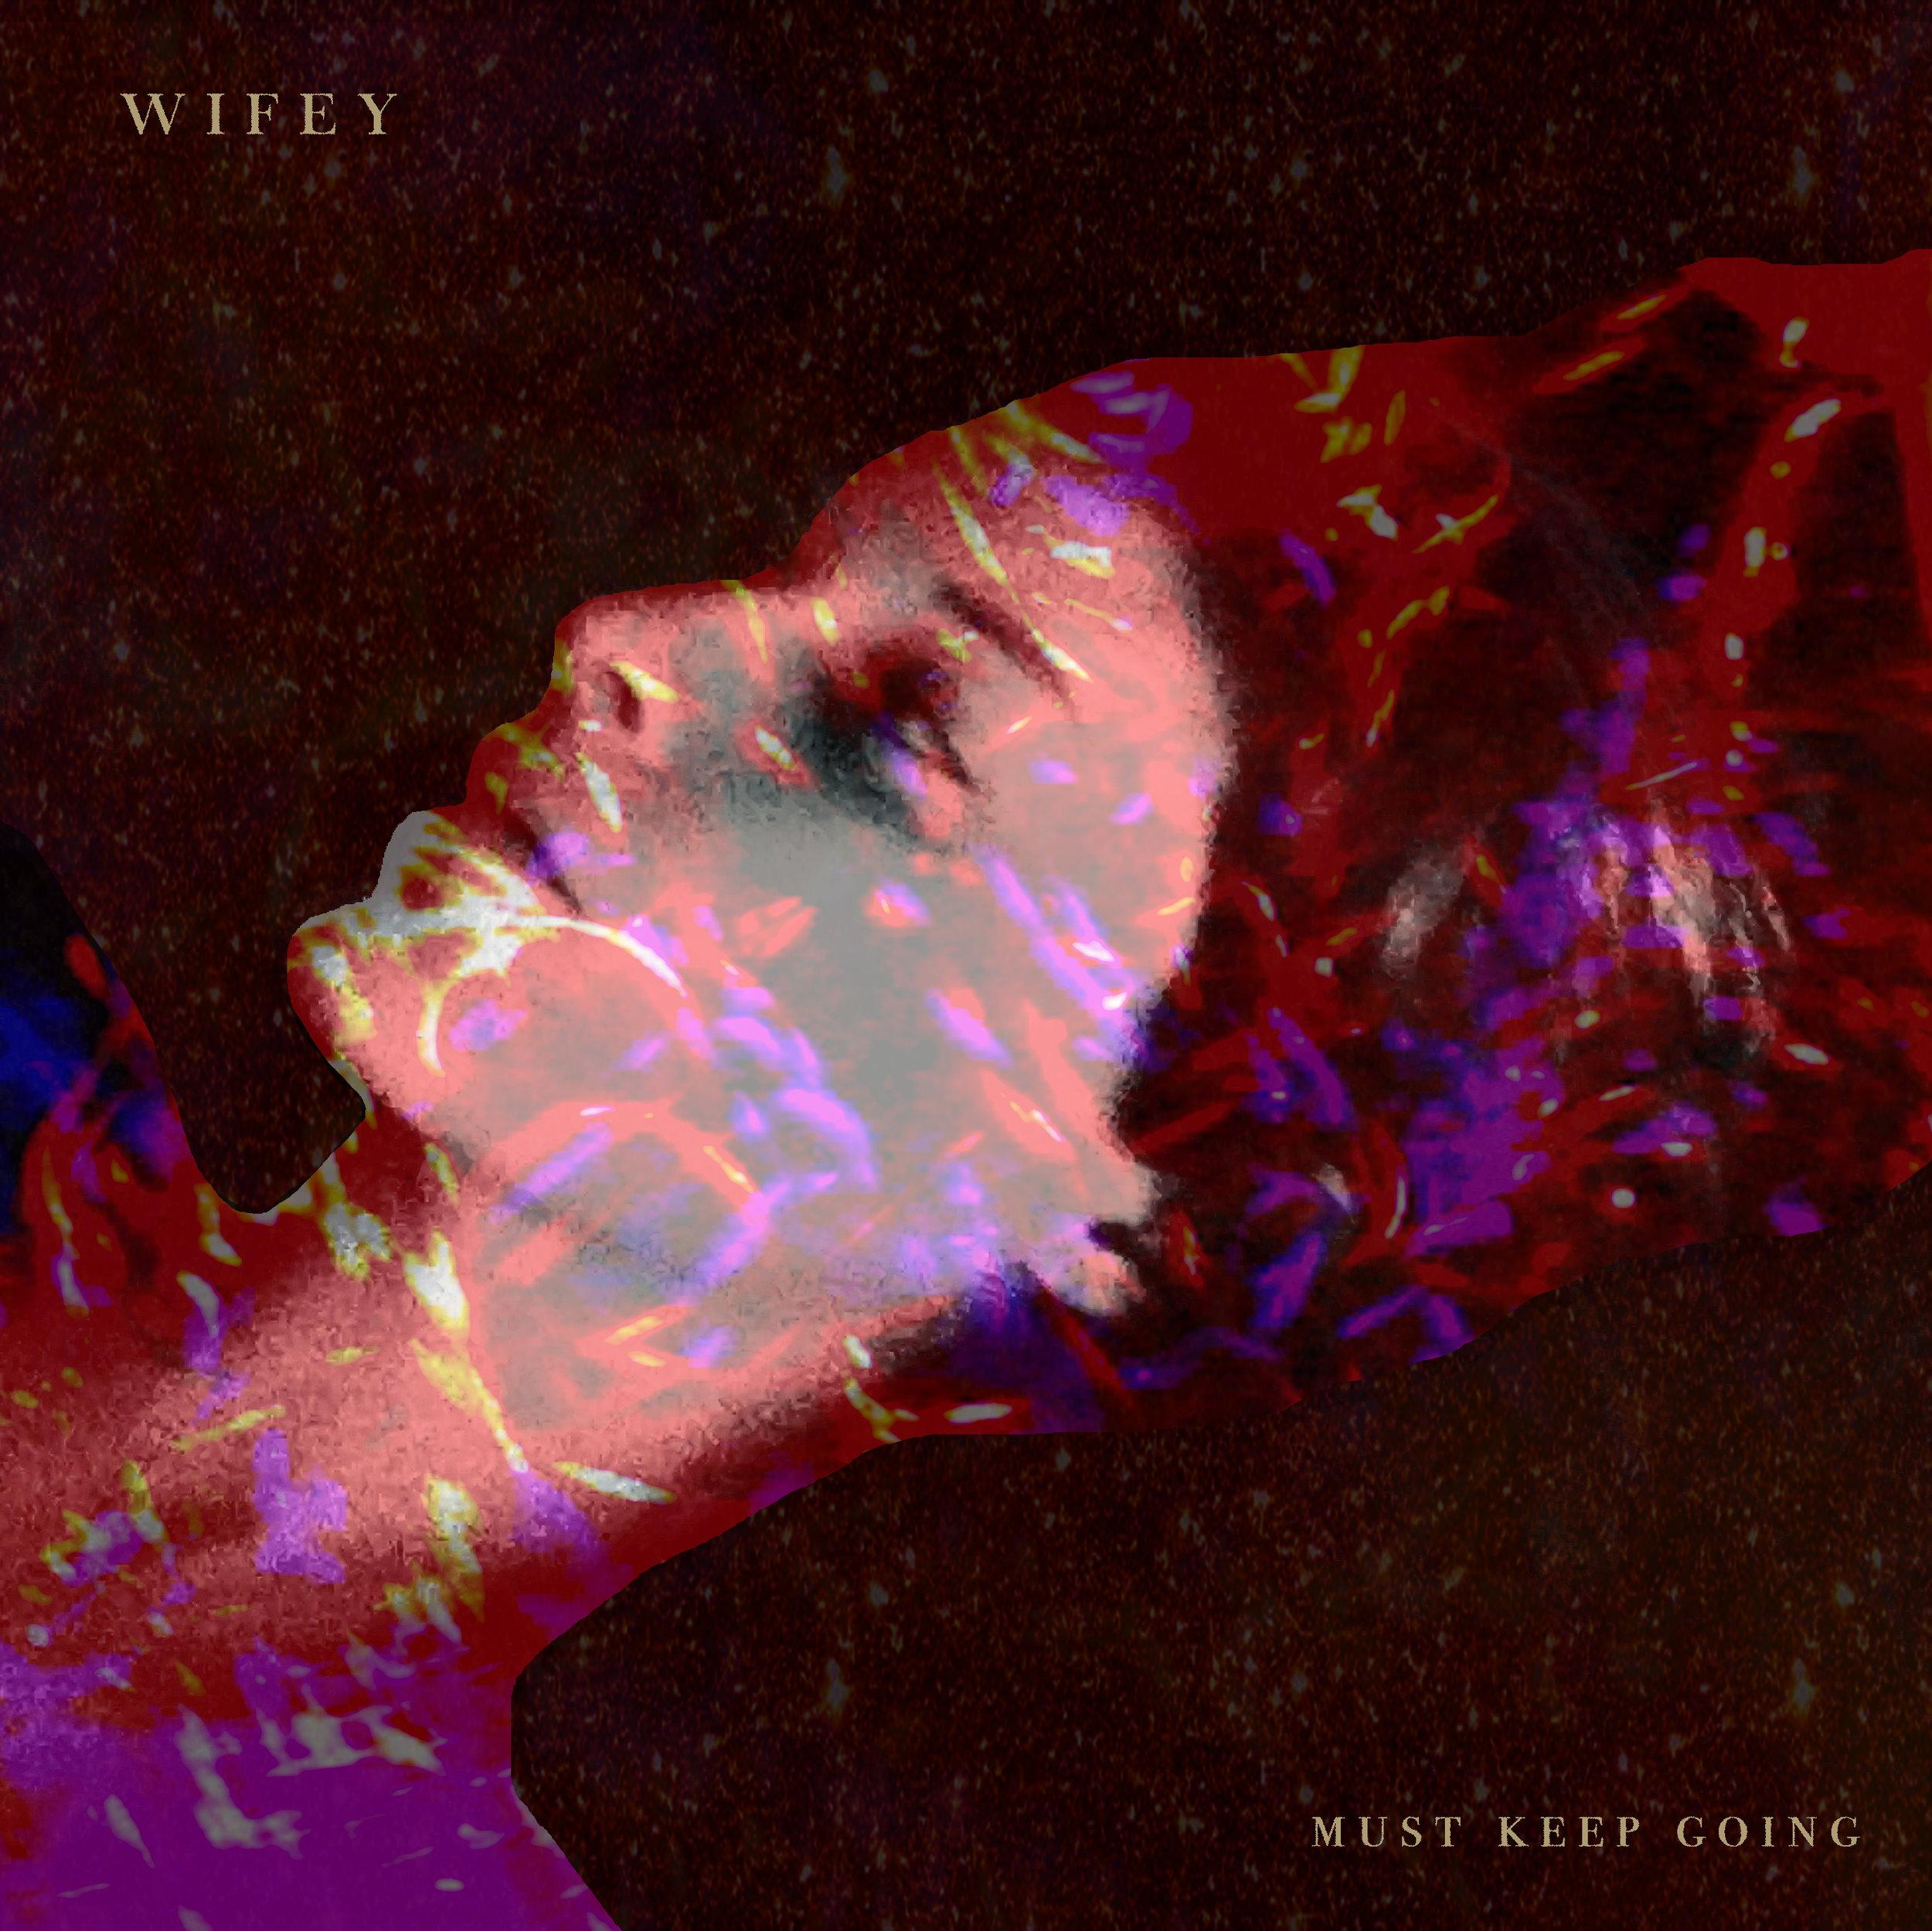 WIFEY COVER Vanessa BW 28 ZZZzzXxxZzZ.jpg